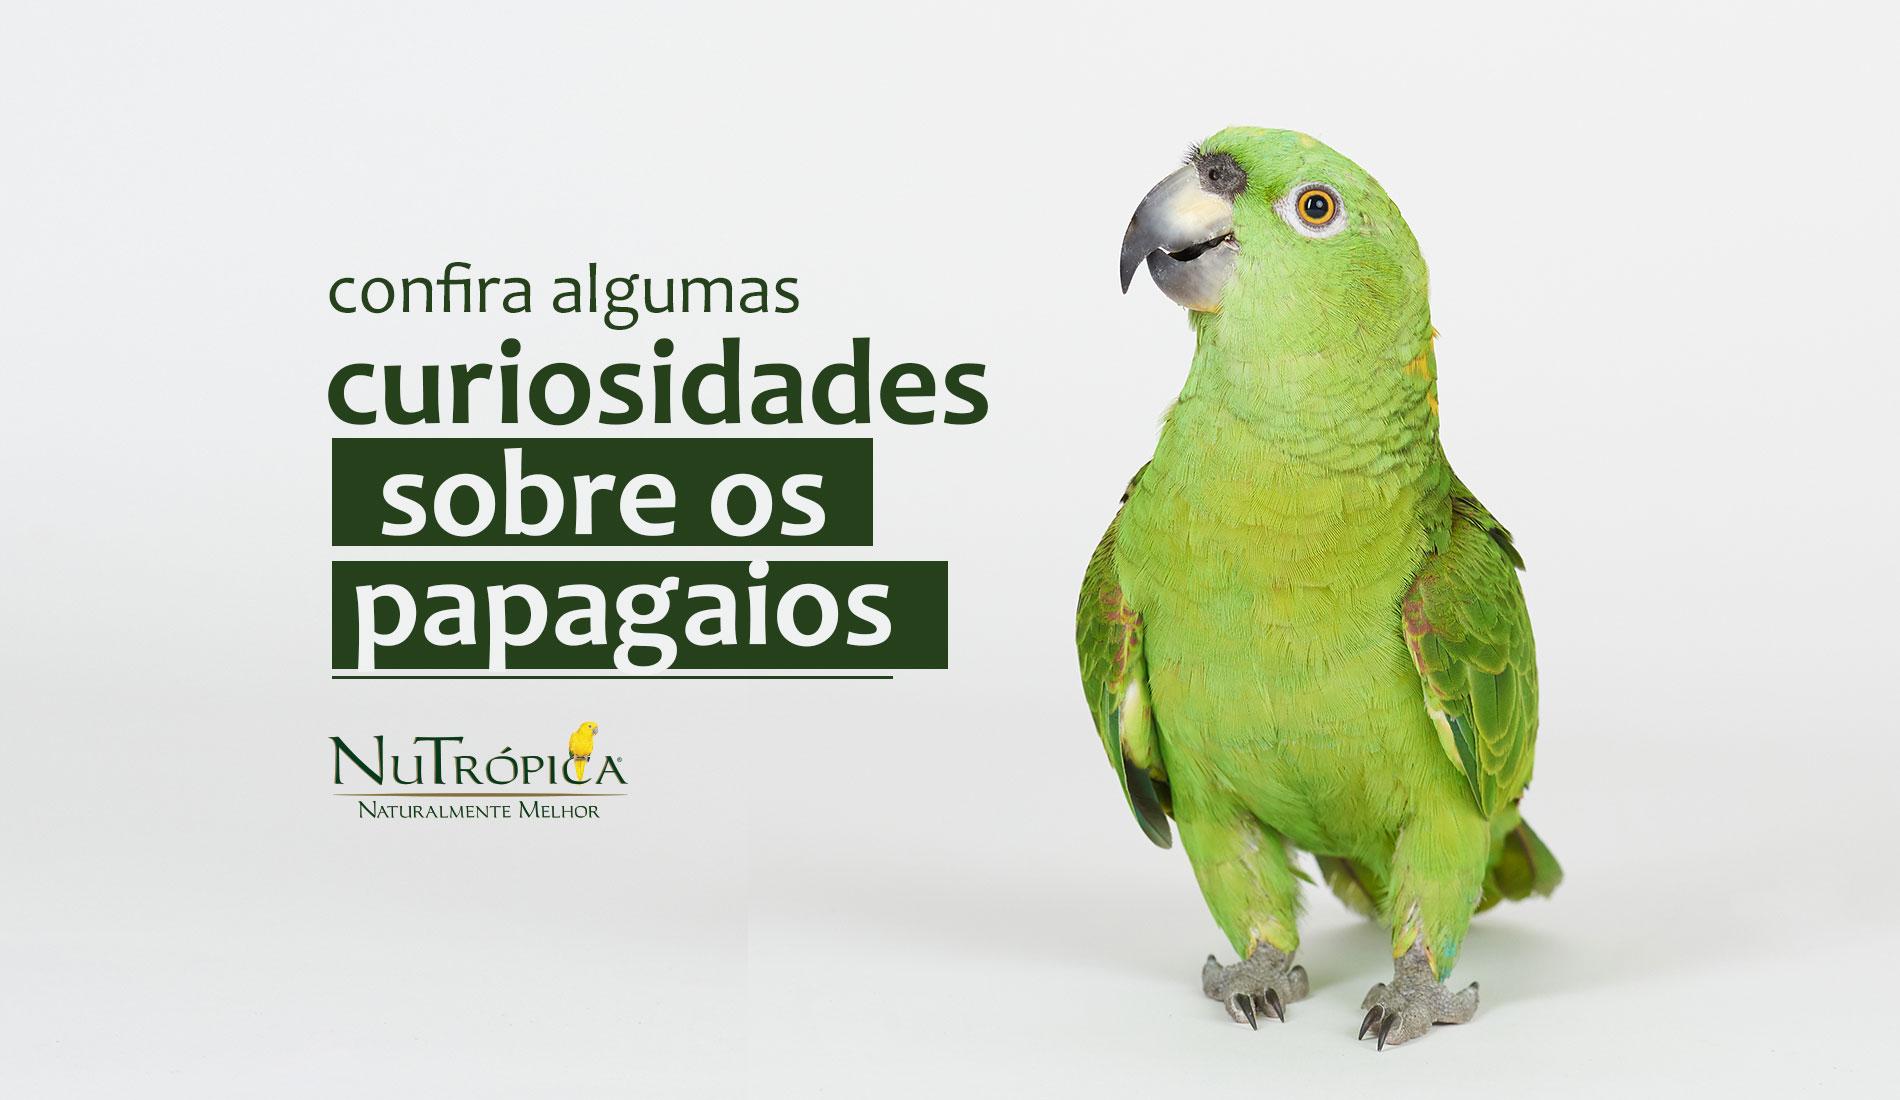 Confira algumas curiosidades sobre os Papagaios